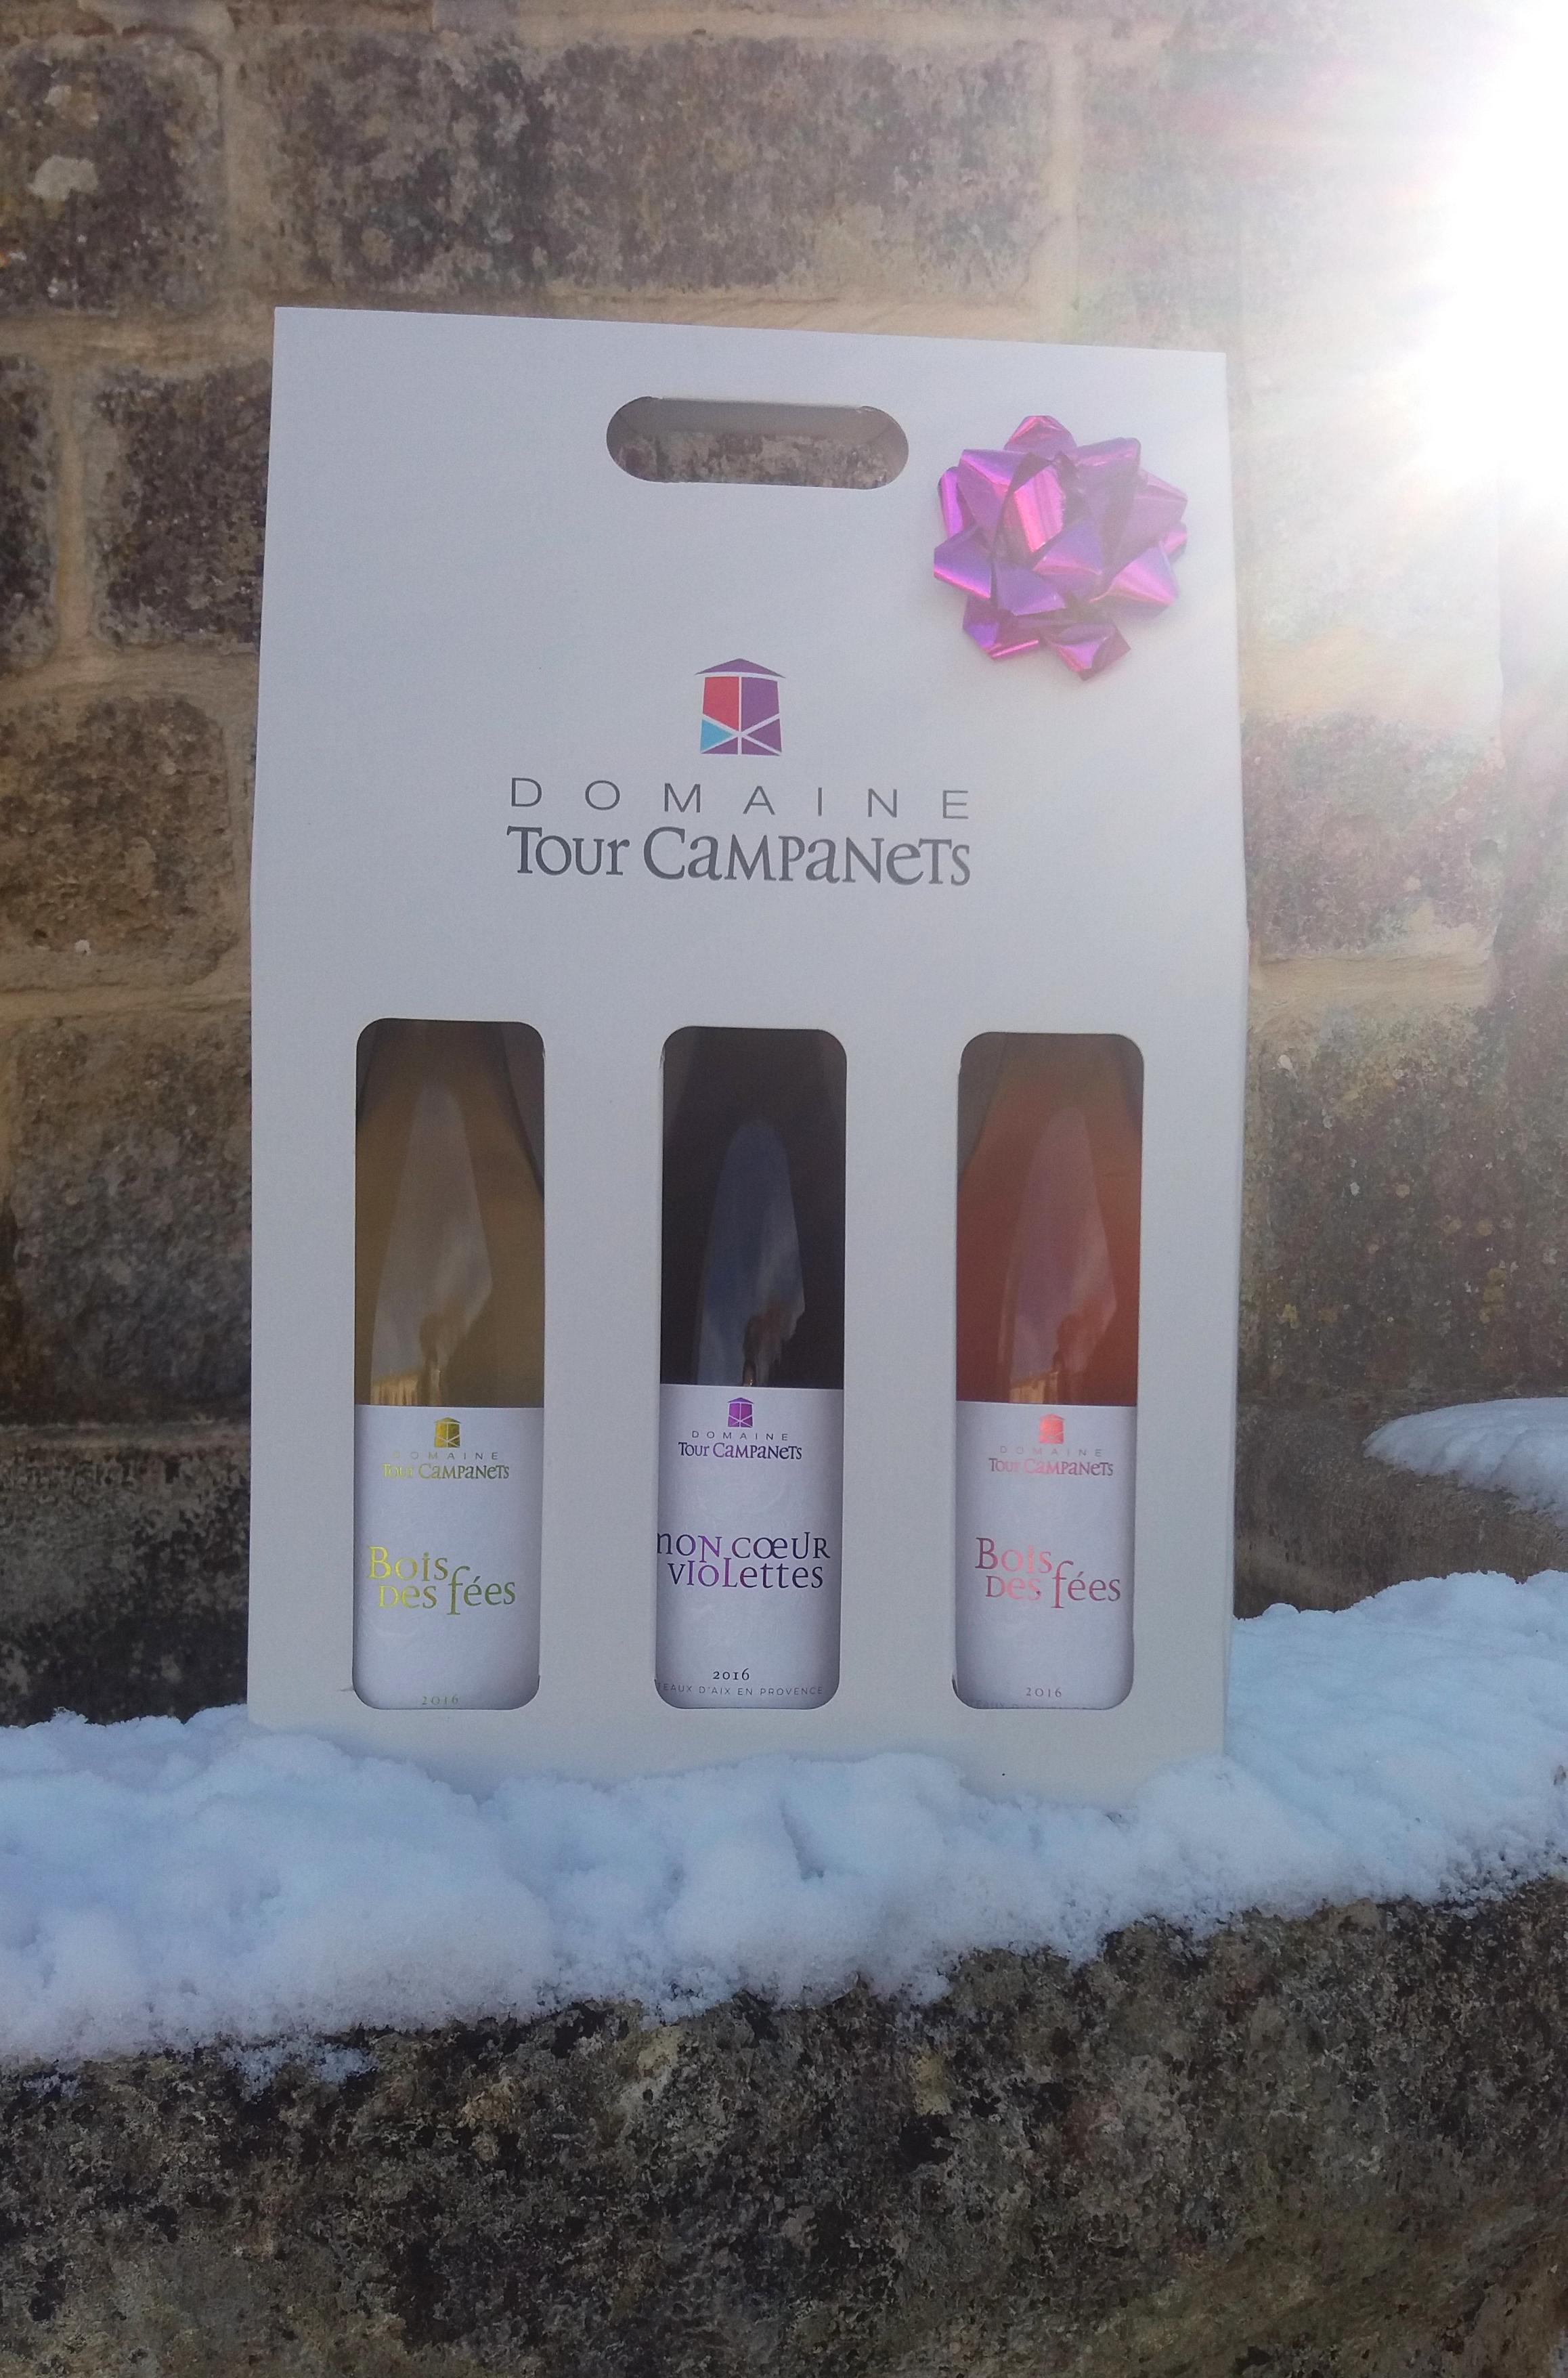 Un vigneron indépendant, des vins biologiques,  une envie de partager nos produits du terroir.Prestige 3 bouteilles :  Bois des Fées Blanc 75 cl Mon Cœur Violettes Rouge 75 cl Bois des Fées Rosé 75 cl